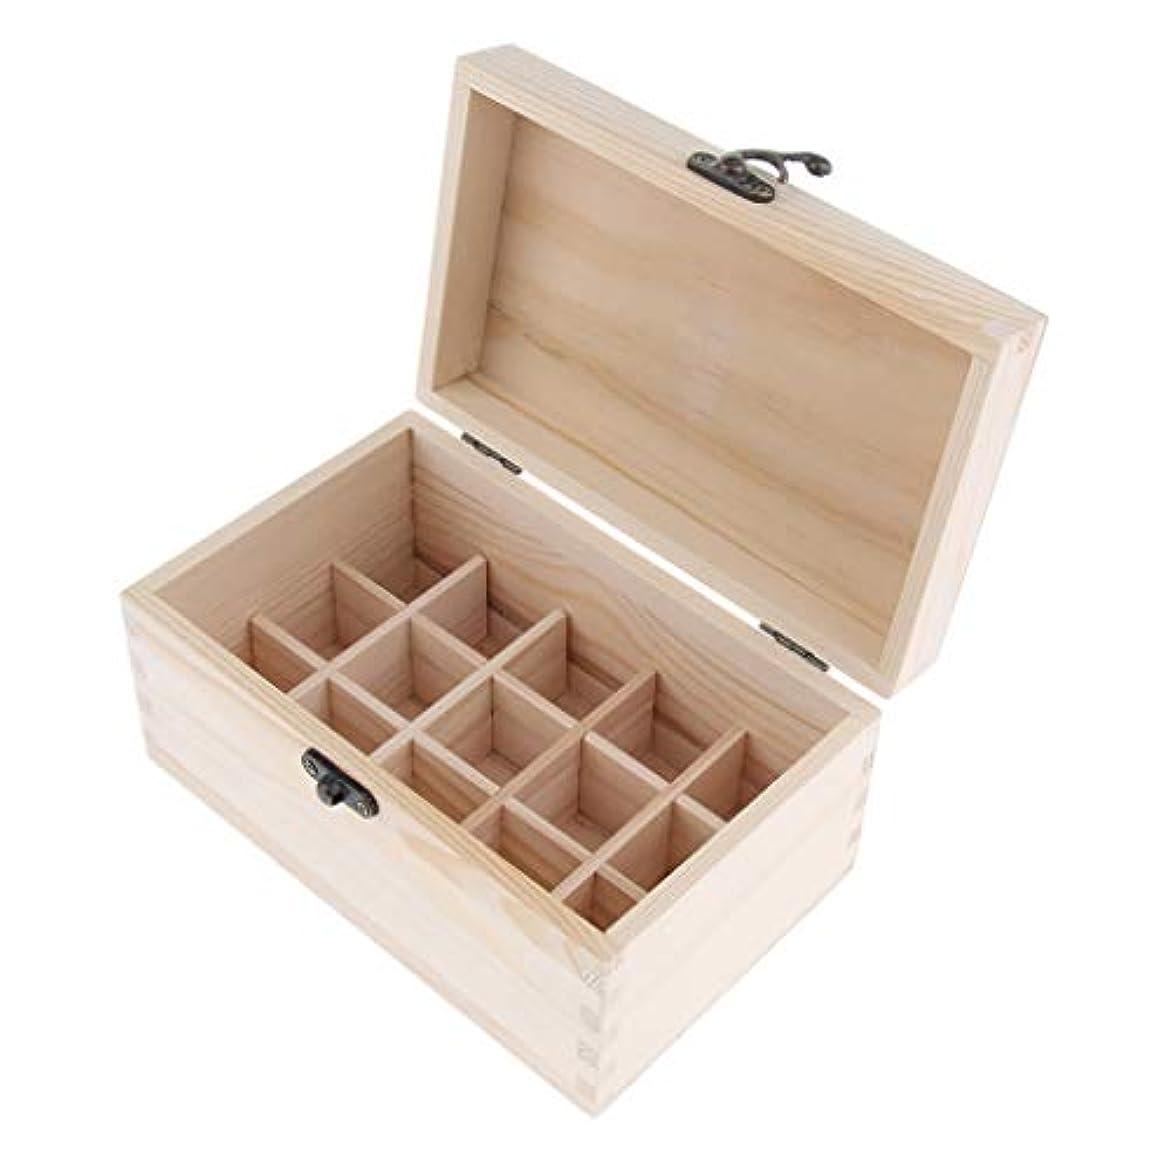 バルコニー会う投資する精油ケース 化粧品収納ボックス 15仕切り 木製 エッセンシャルオイル コンパクト 携帯便利 実用性